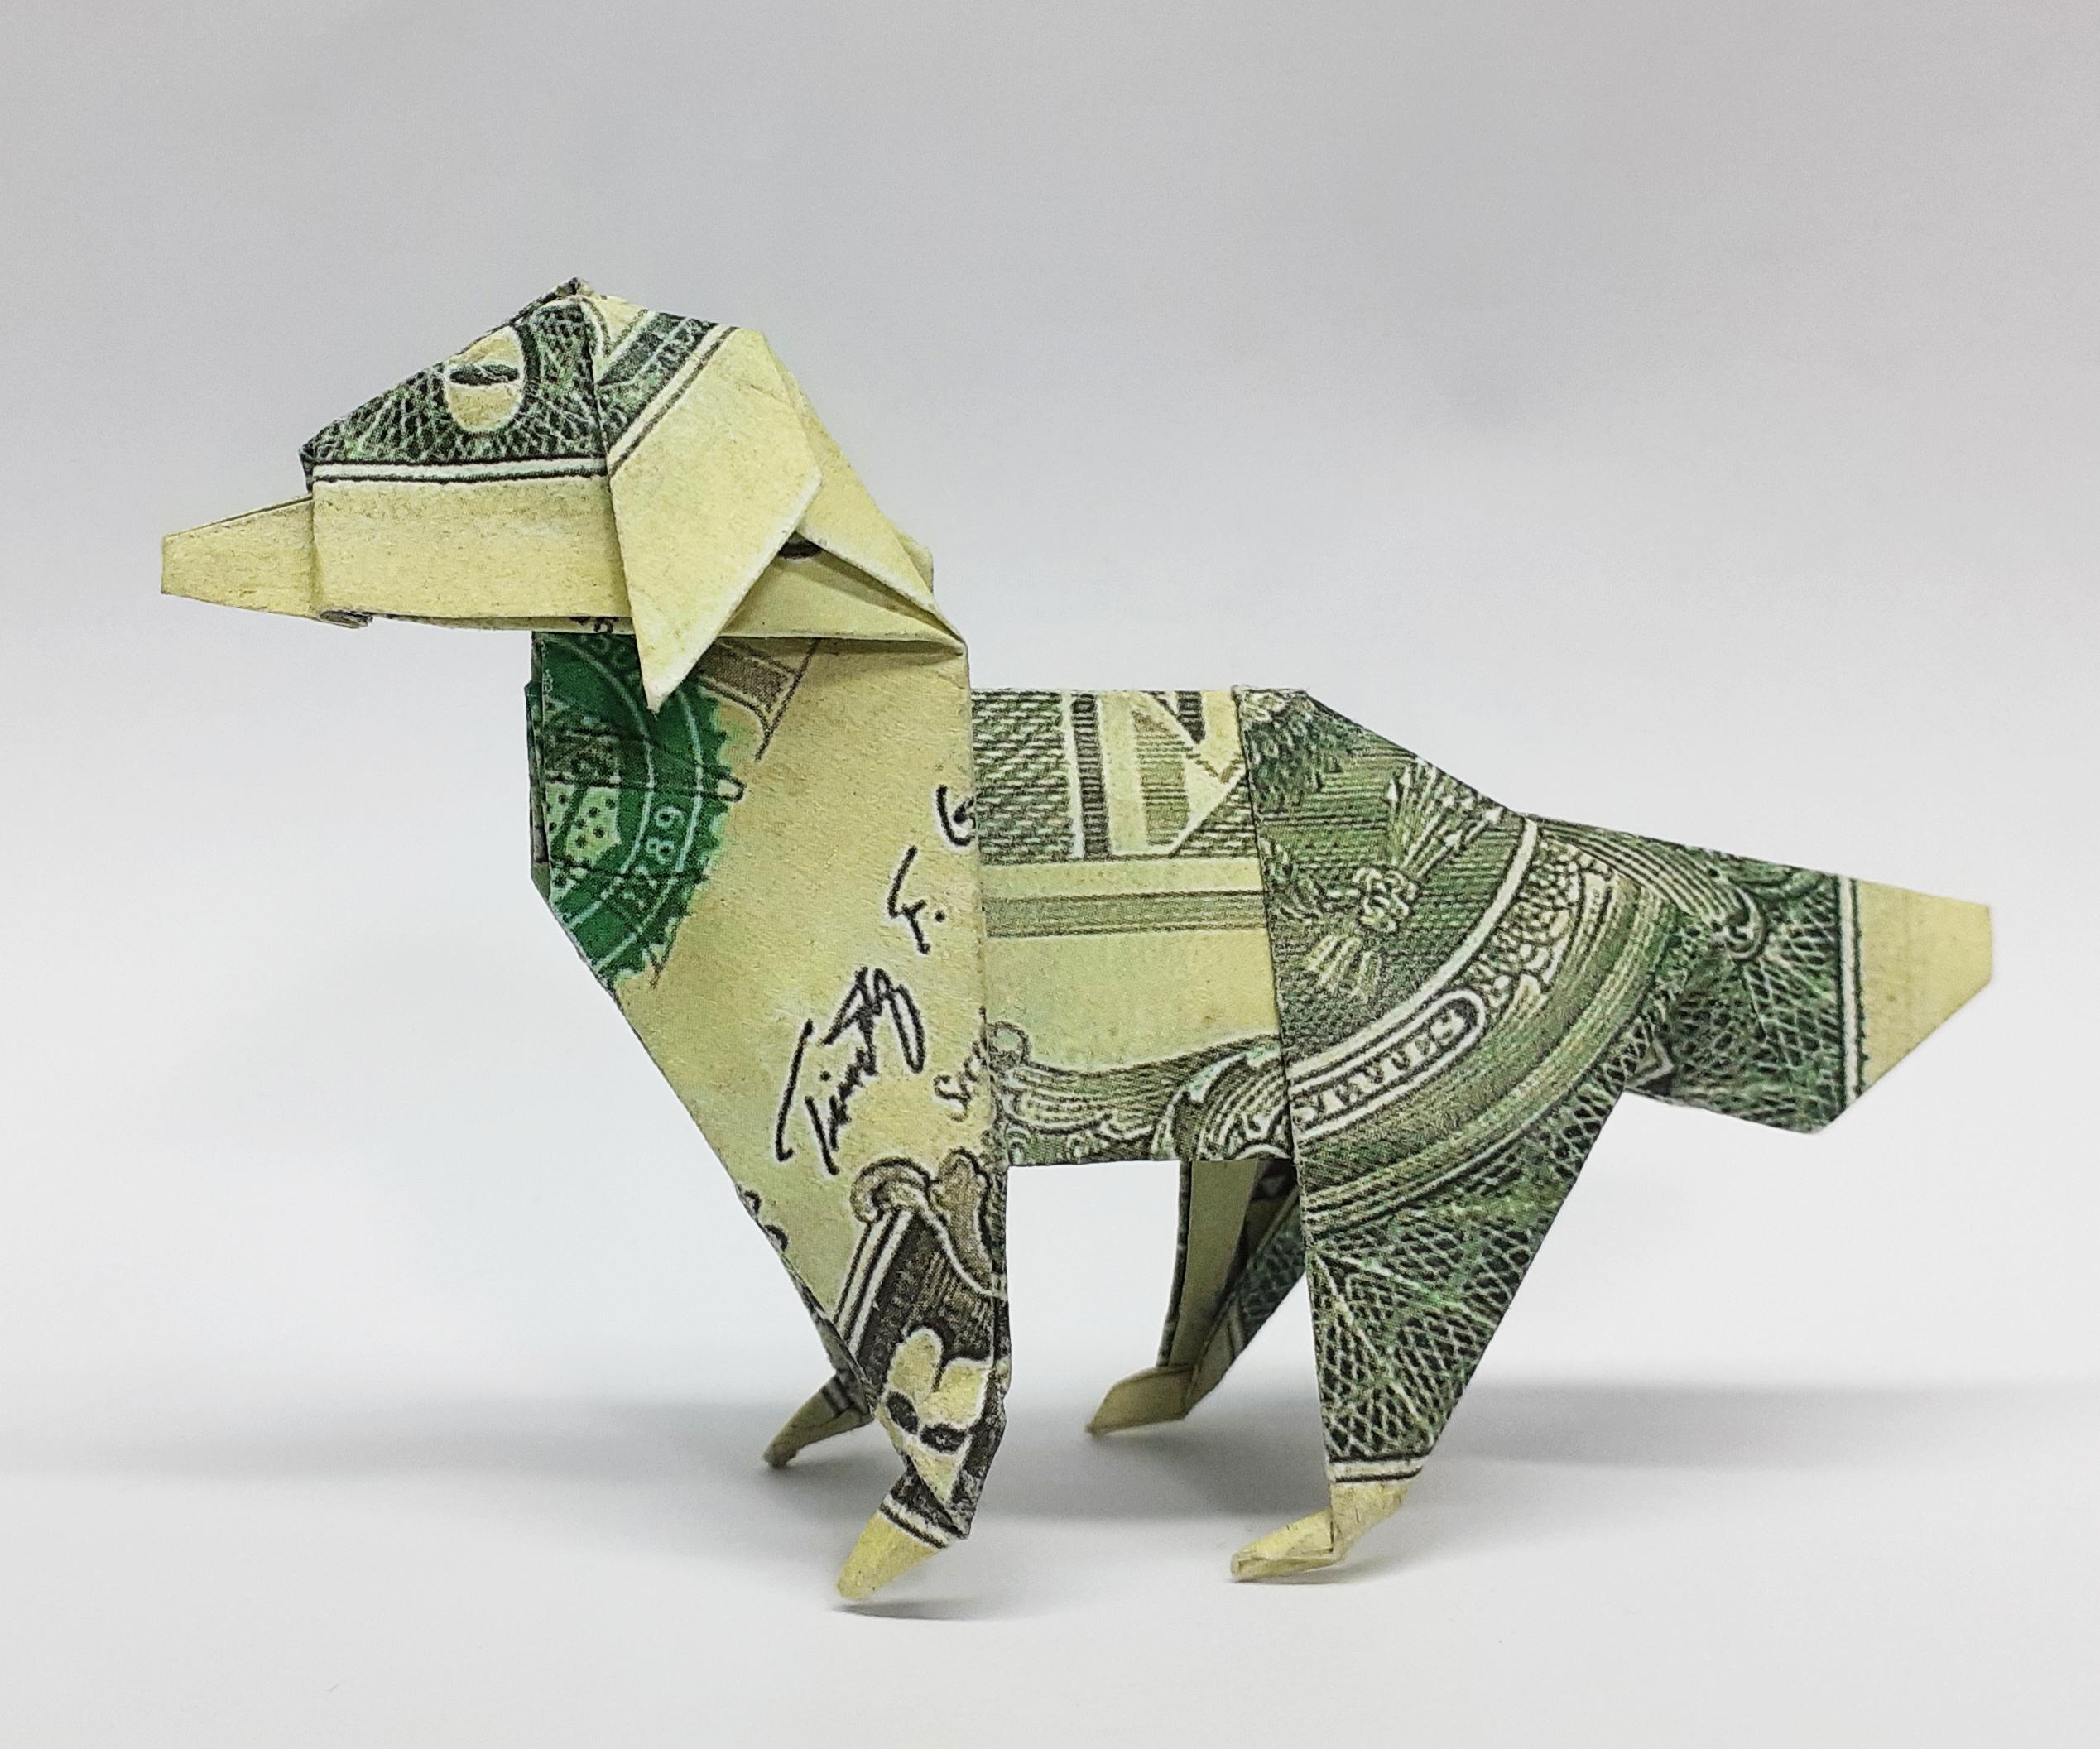 DOLLAR MONEY ORIGAMI DOG